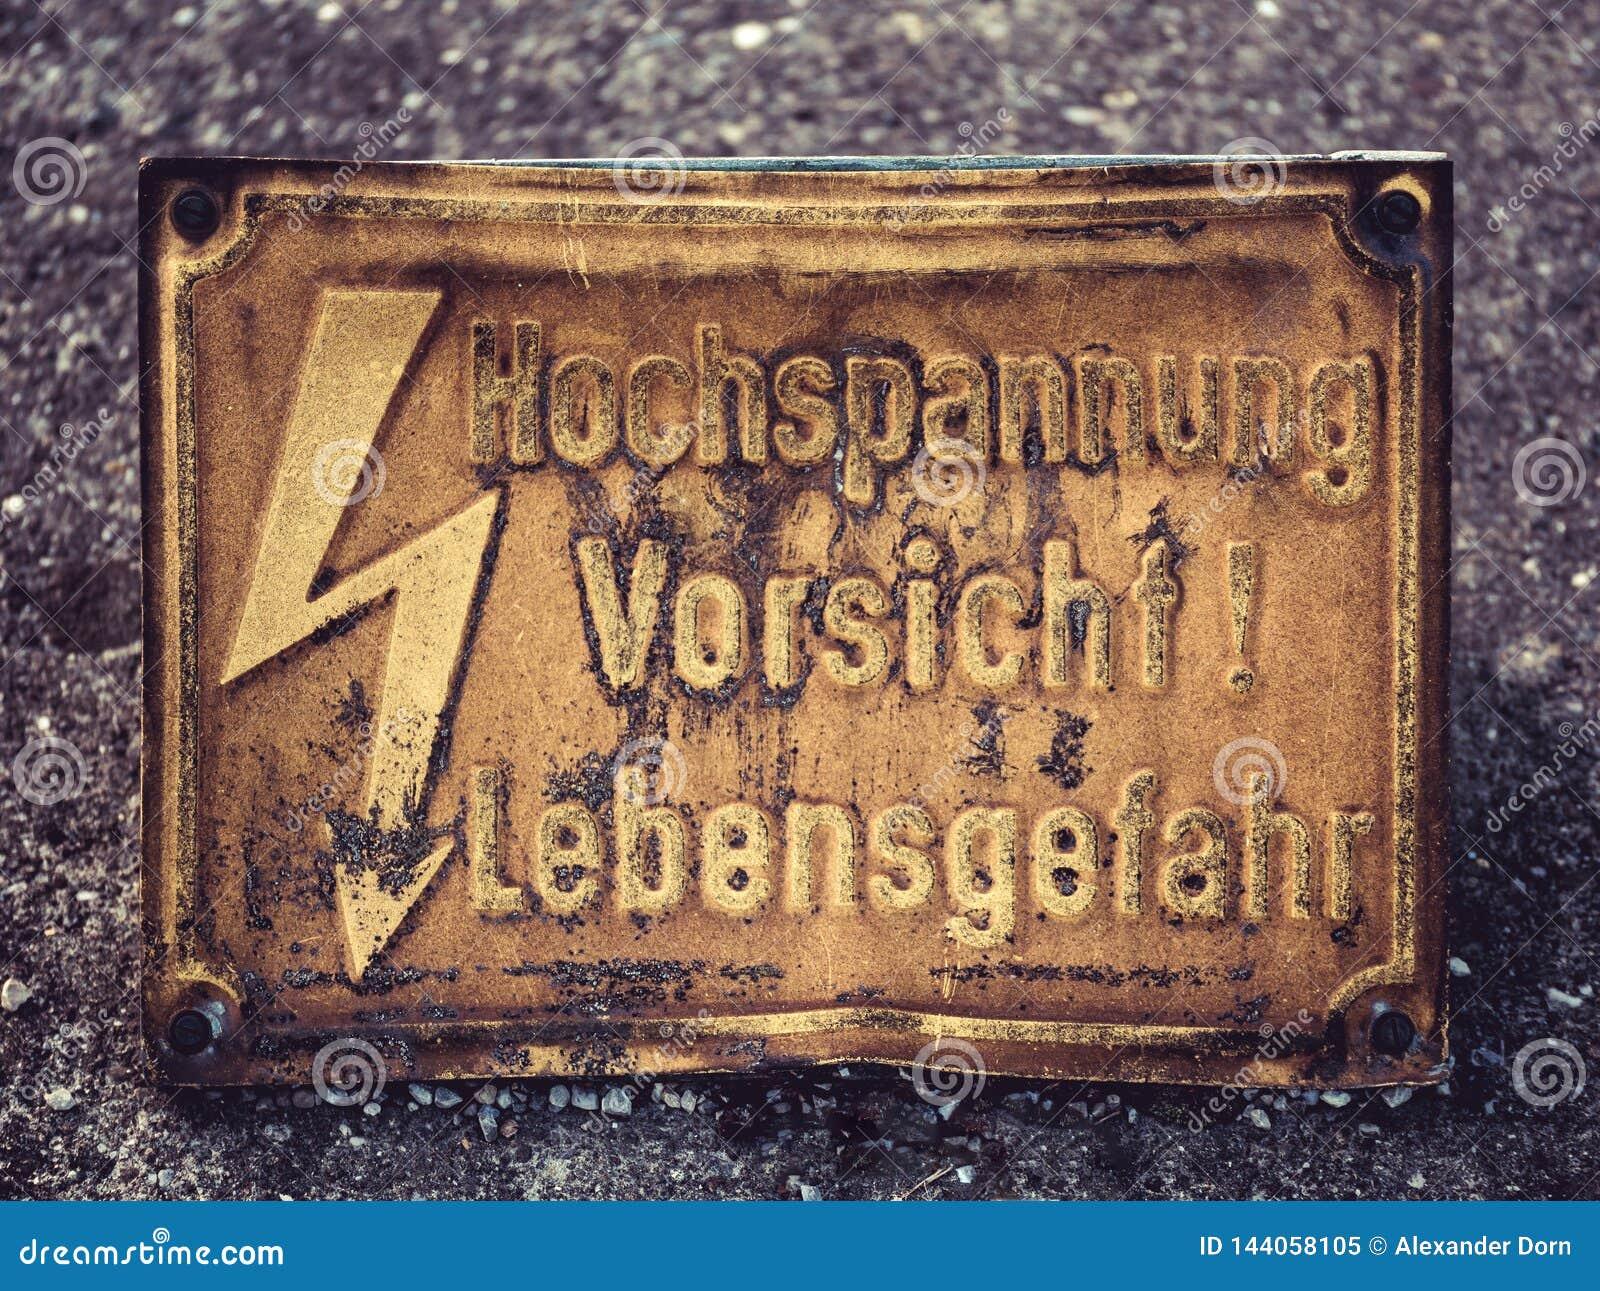 Image d un vieux panneau d avertissement avec des mots instantanés et allemands Hochspannung Vorsicht Lebensgefahr, qui signifie